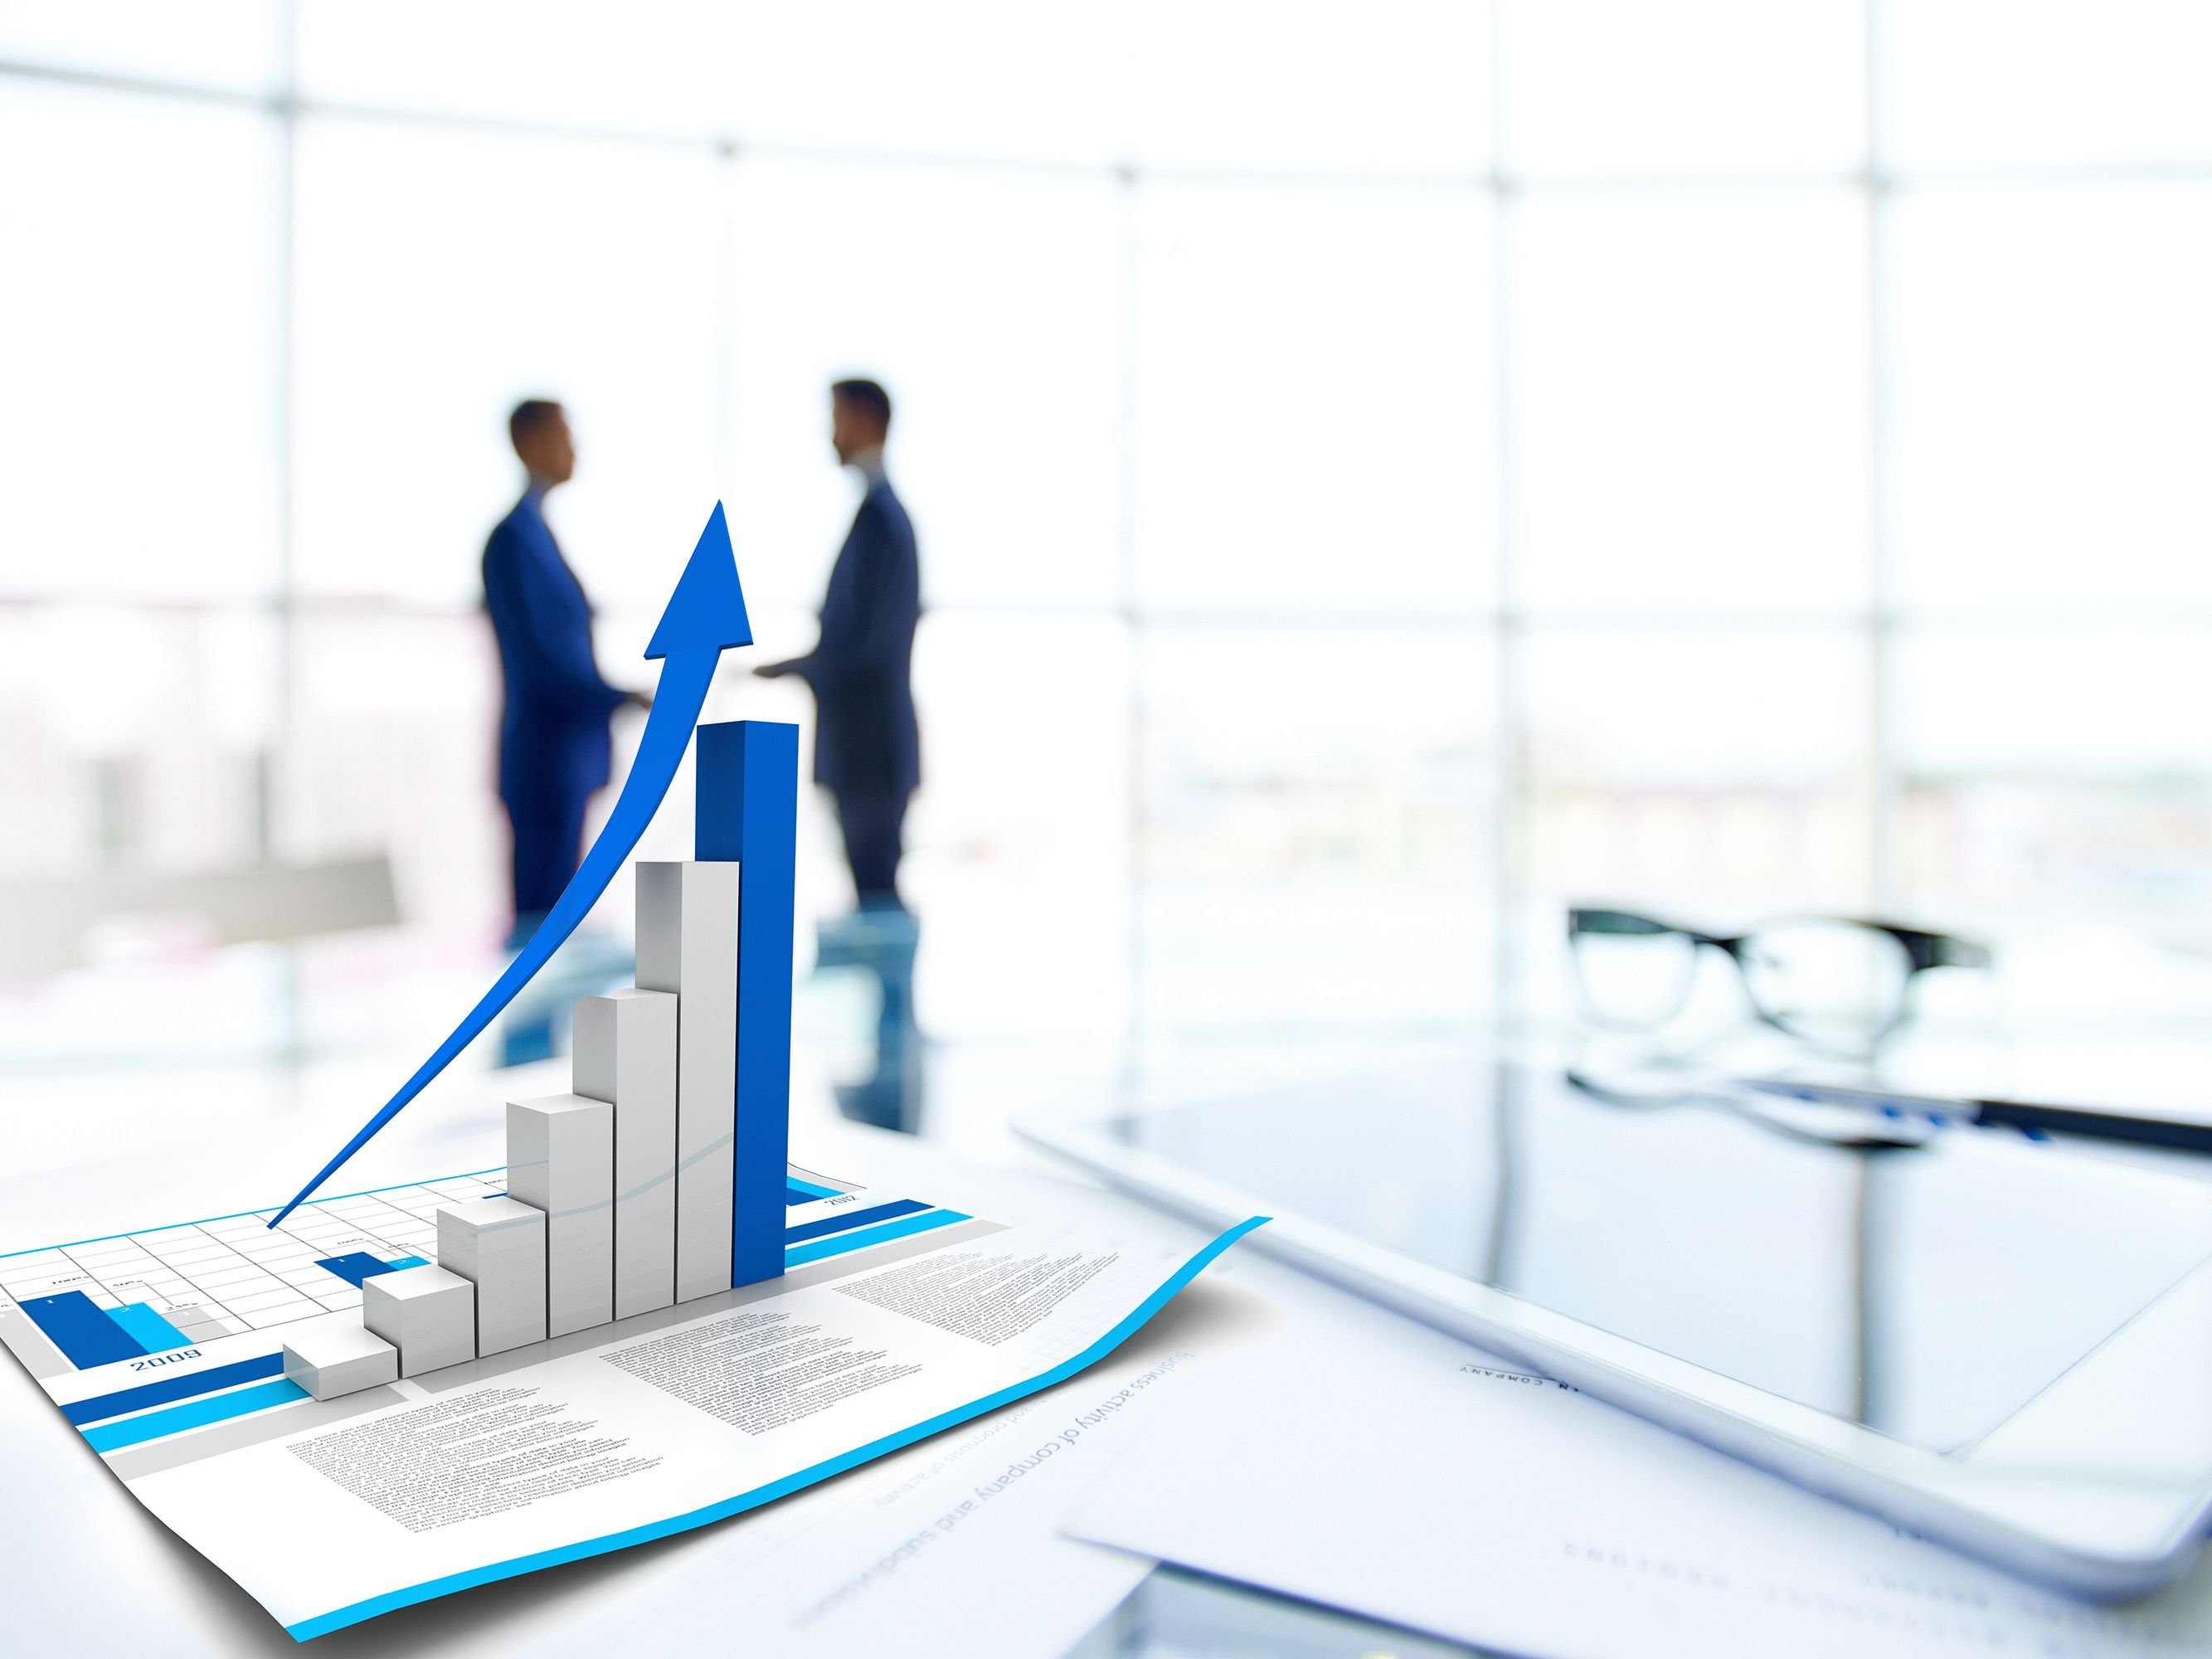 王秋林:二级市场投资实务